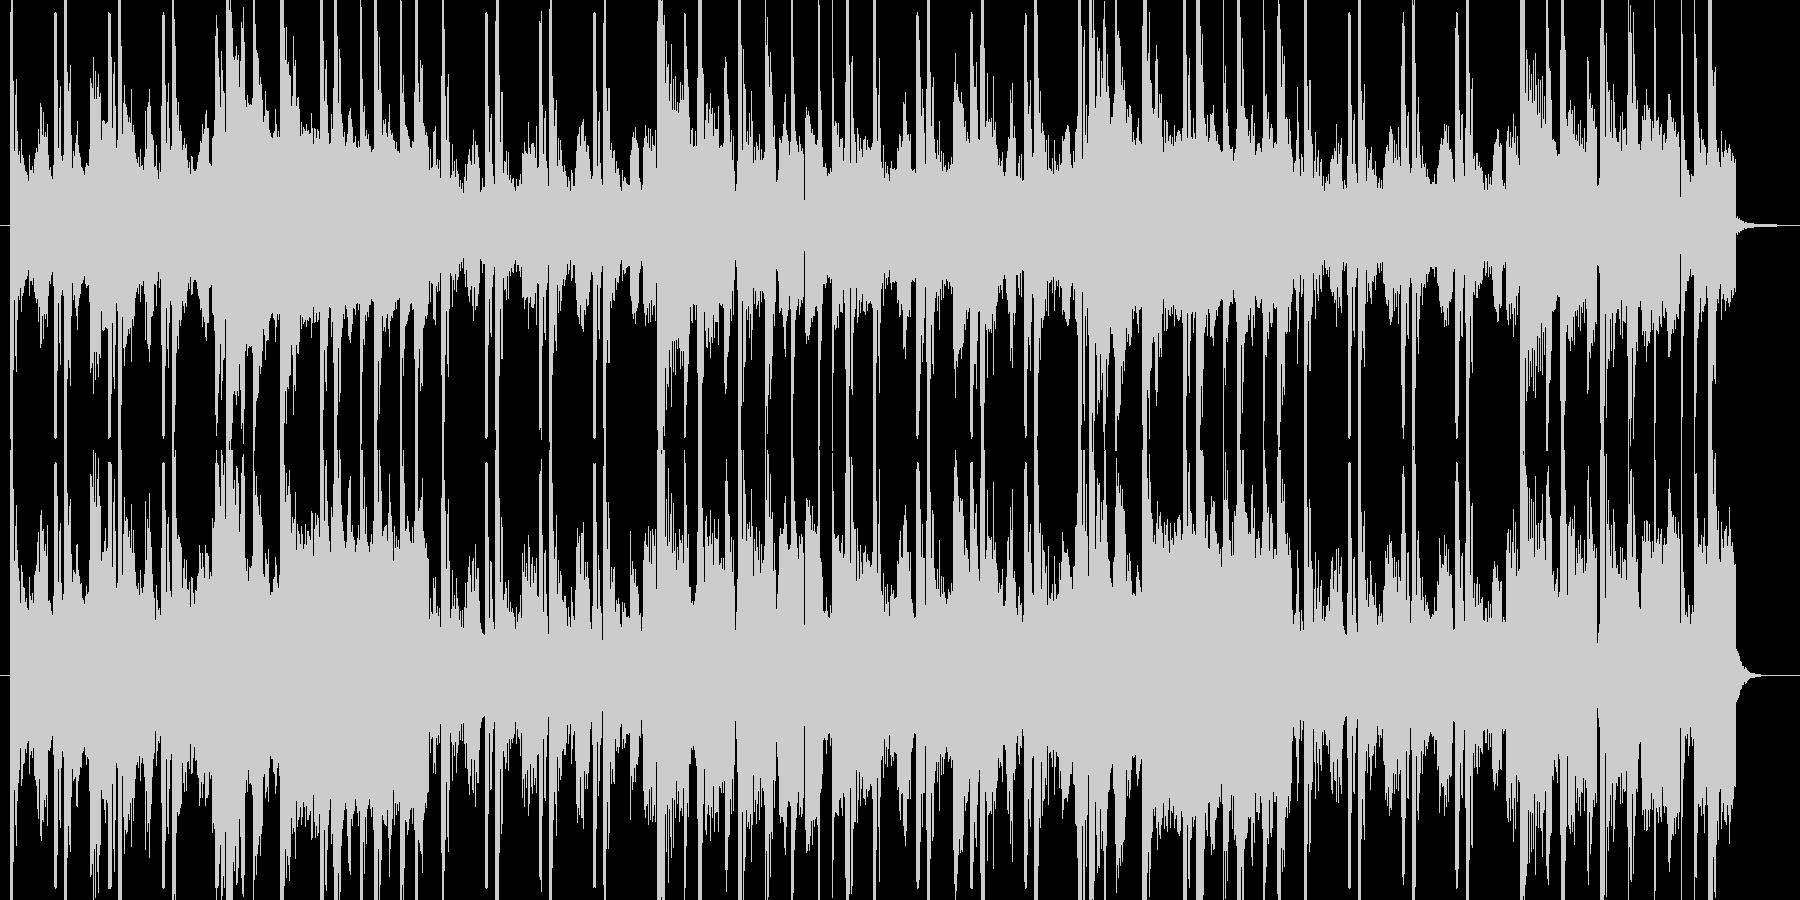 ヒップホップ風のファンキーなジングルの未再生の波形